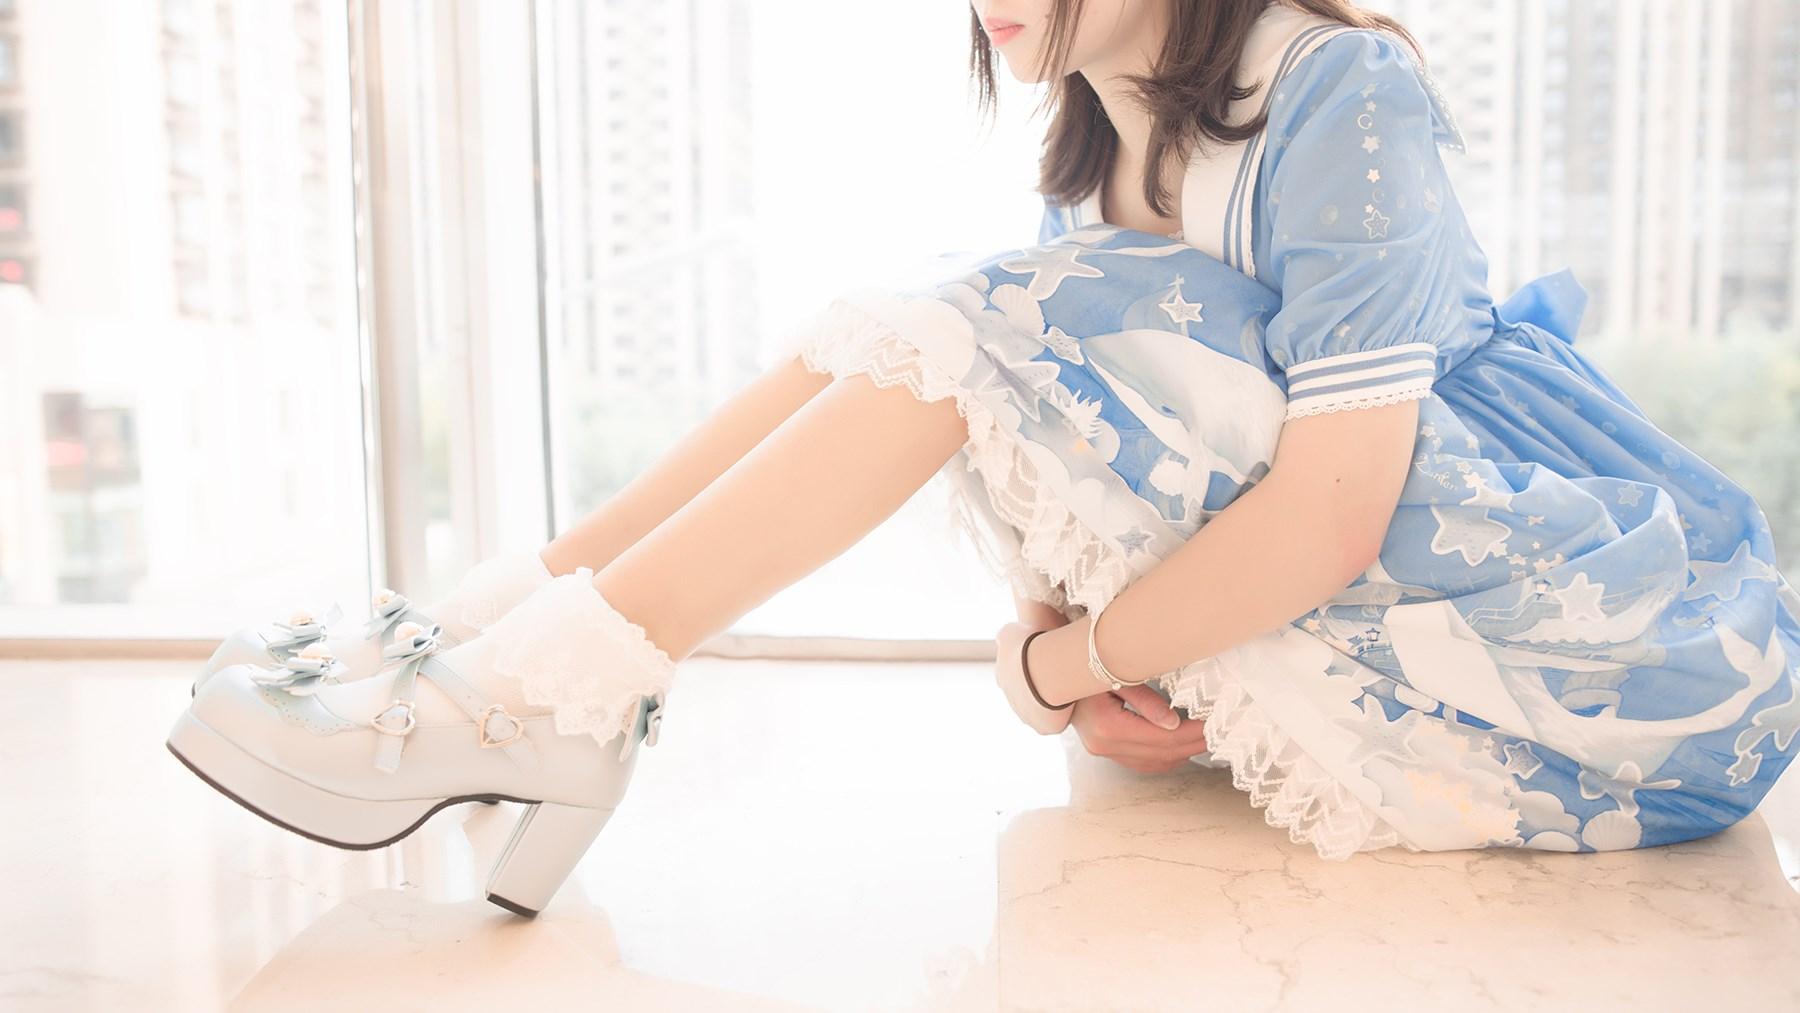 【兔玩映画】蓝色的LO娘 兔玩映画 第73张